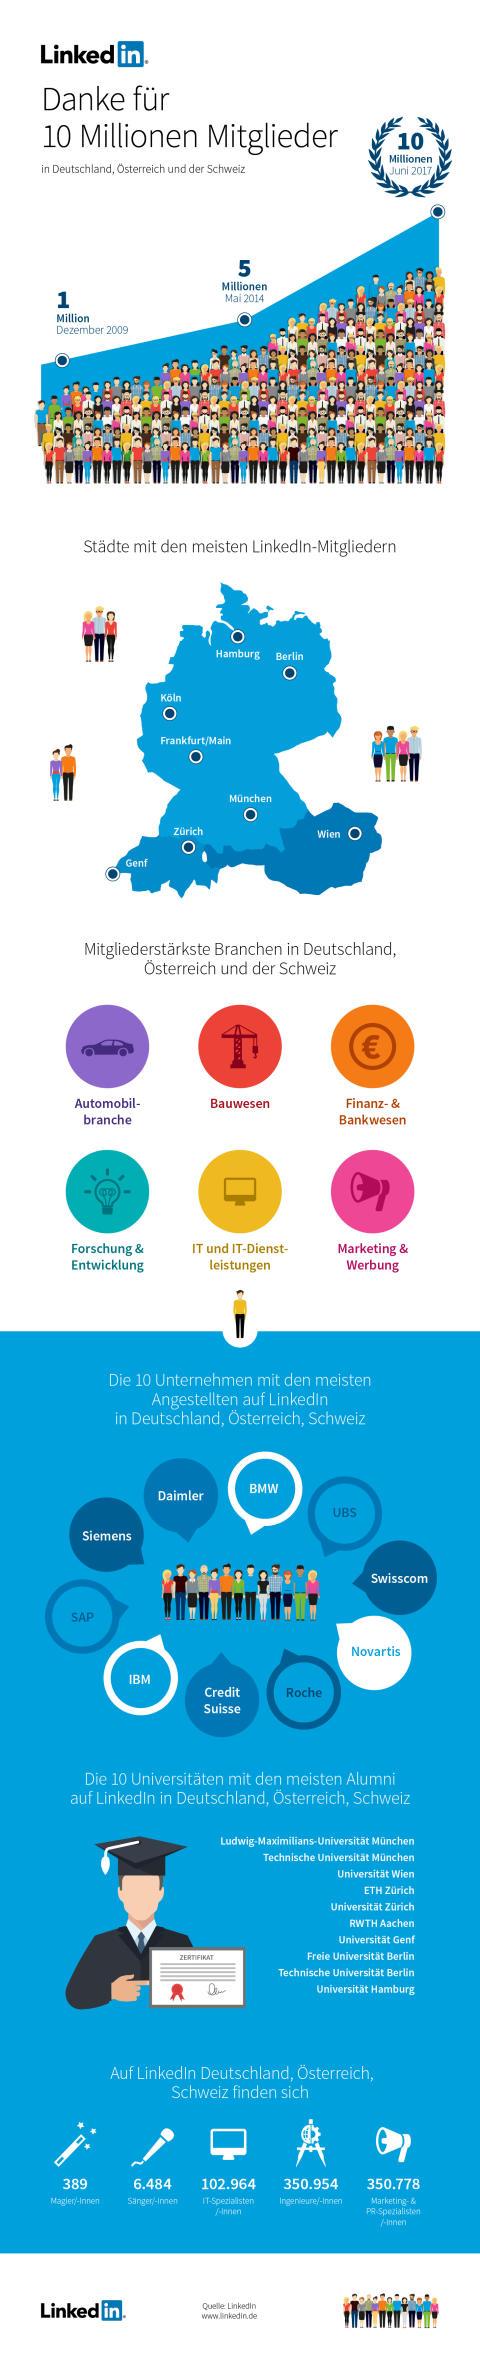 LinkedIn erreicht 10 Millionen Mitglieder im deutschsprachigen Raum